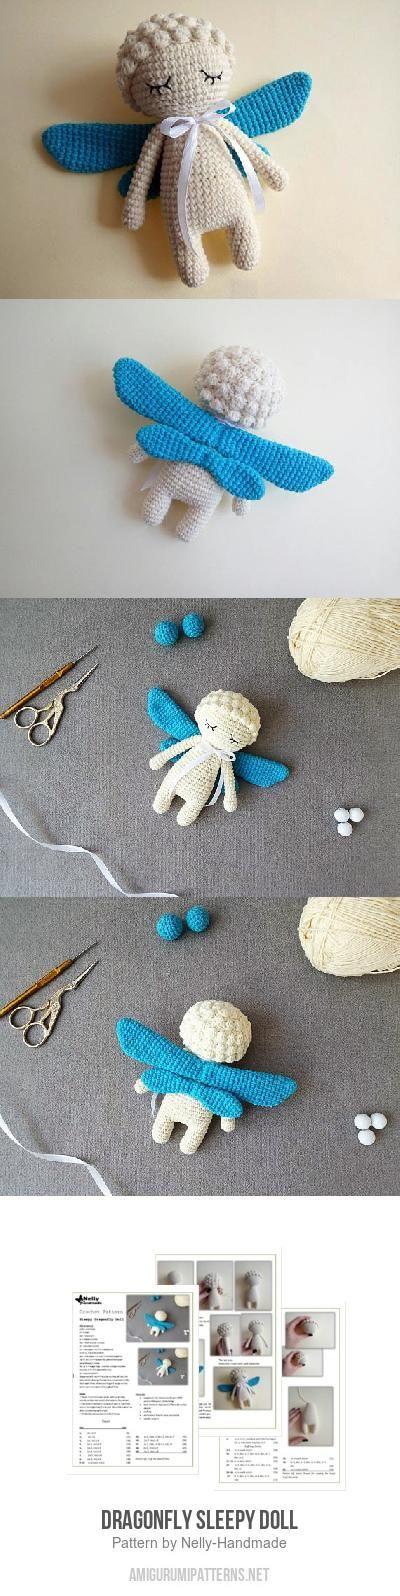 Dragonfly Sleepy Doll amigurumi pattern